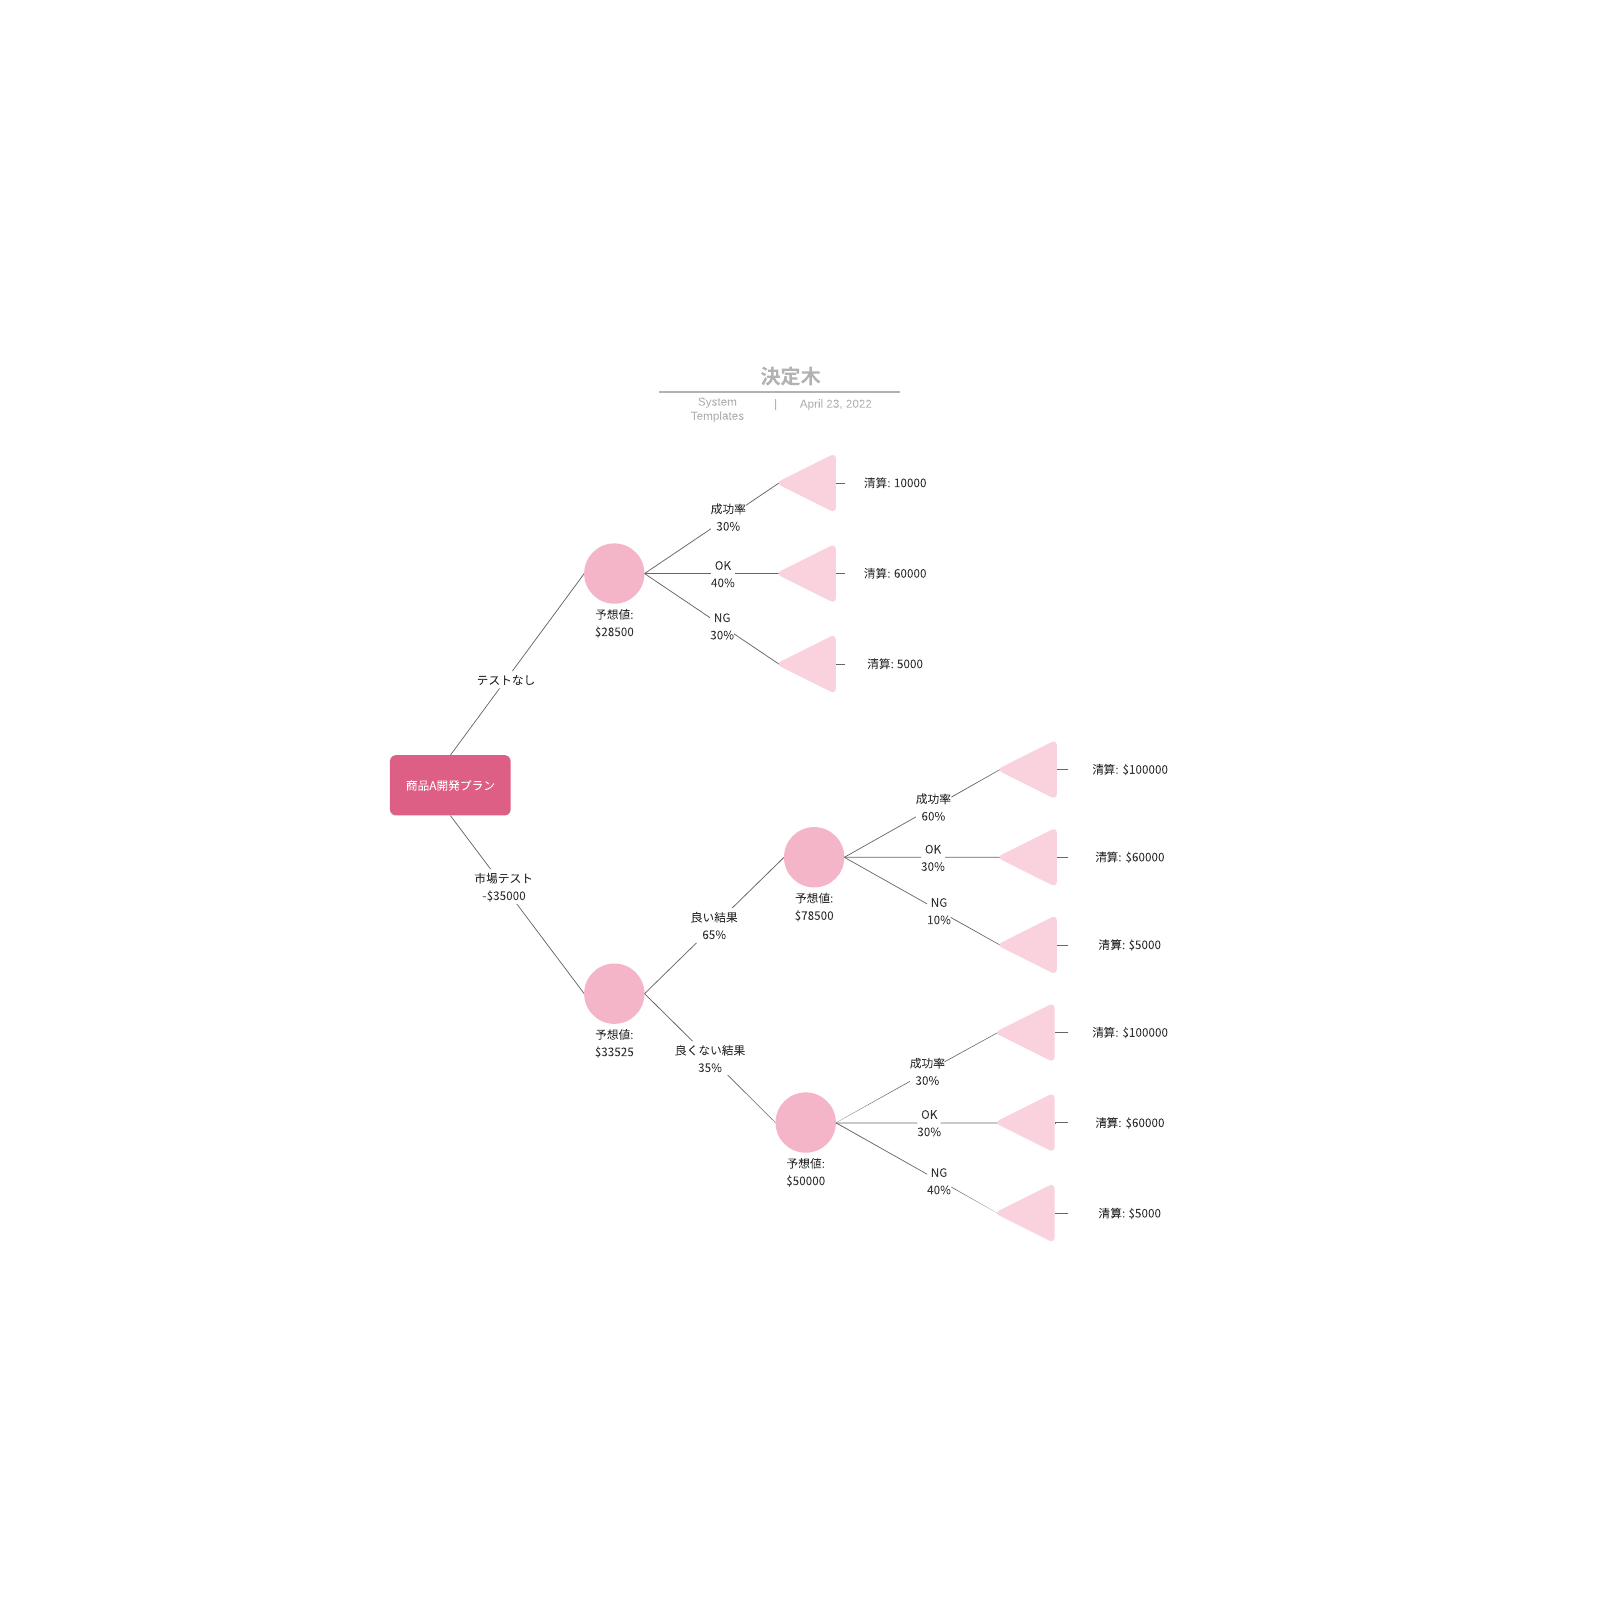 デシジョンツリー図作成見本テンプレート